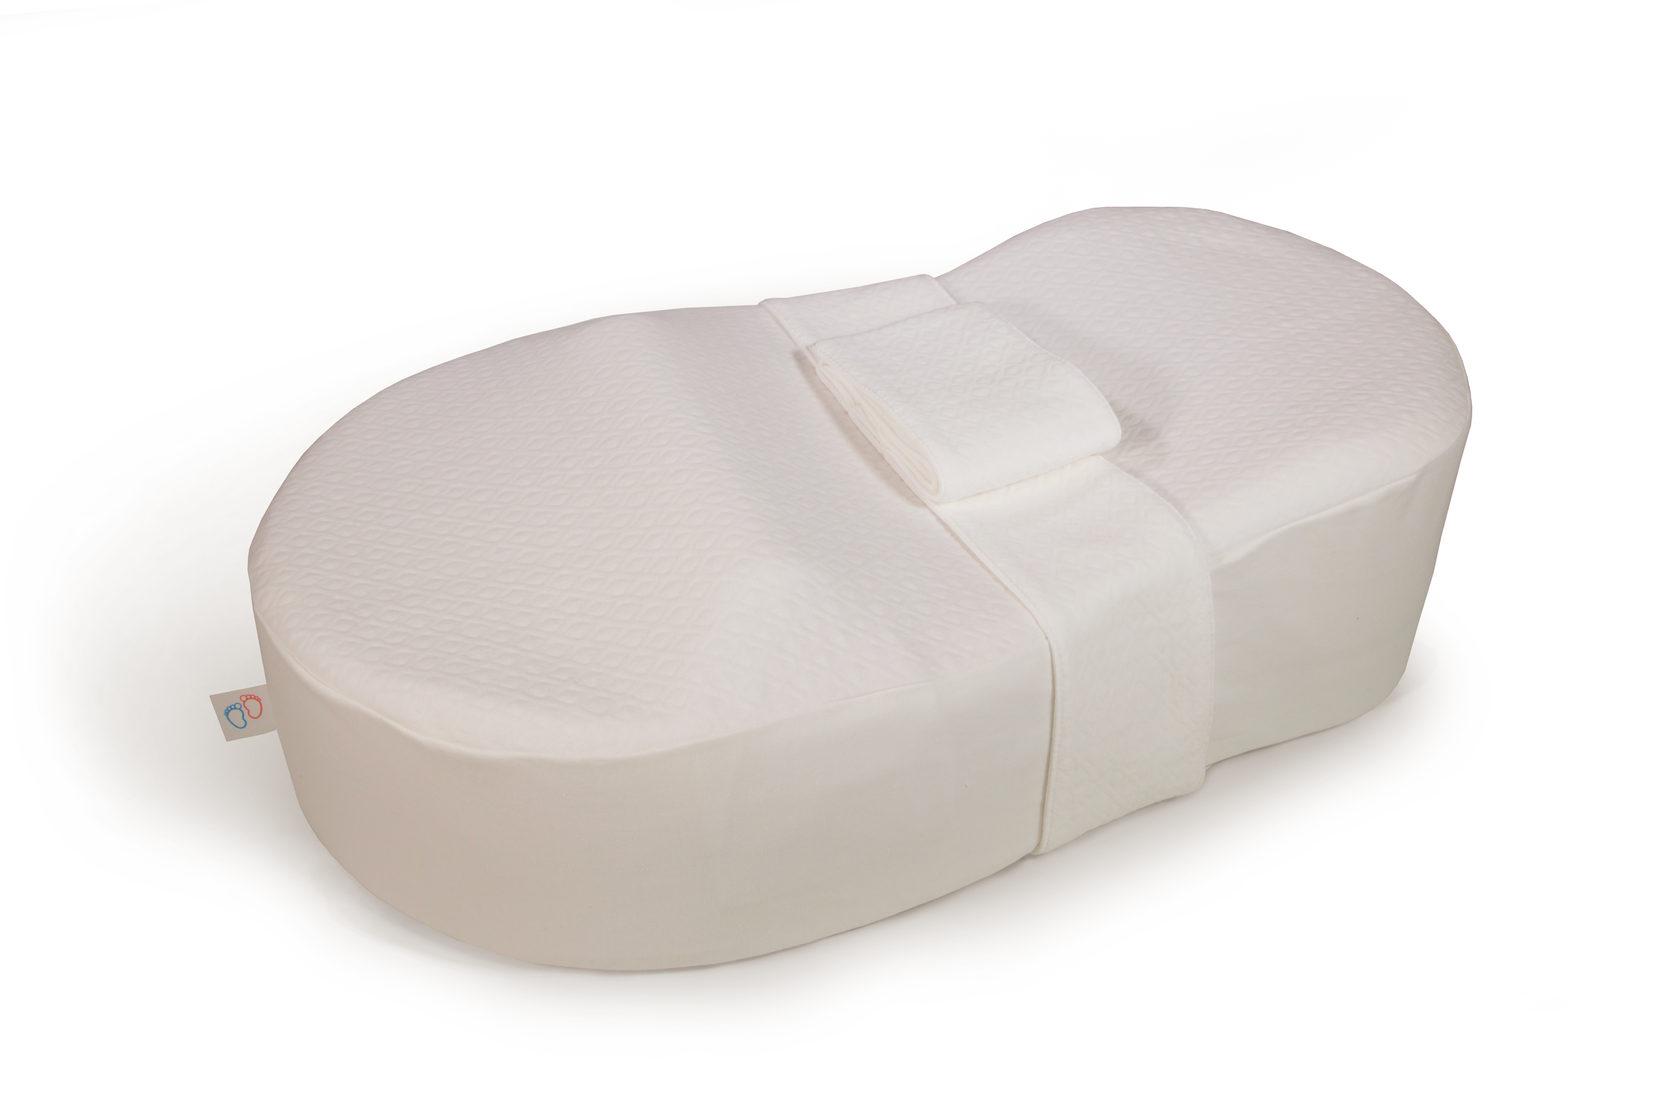 Кокон для новорожденного Седьмое Небо из ортопедического пенополиуретана 1 чехол